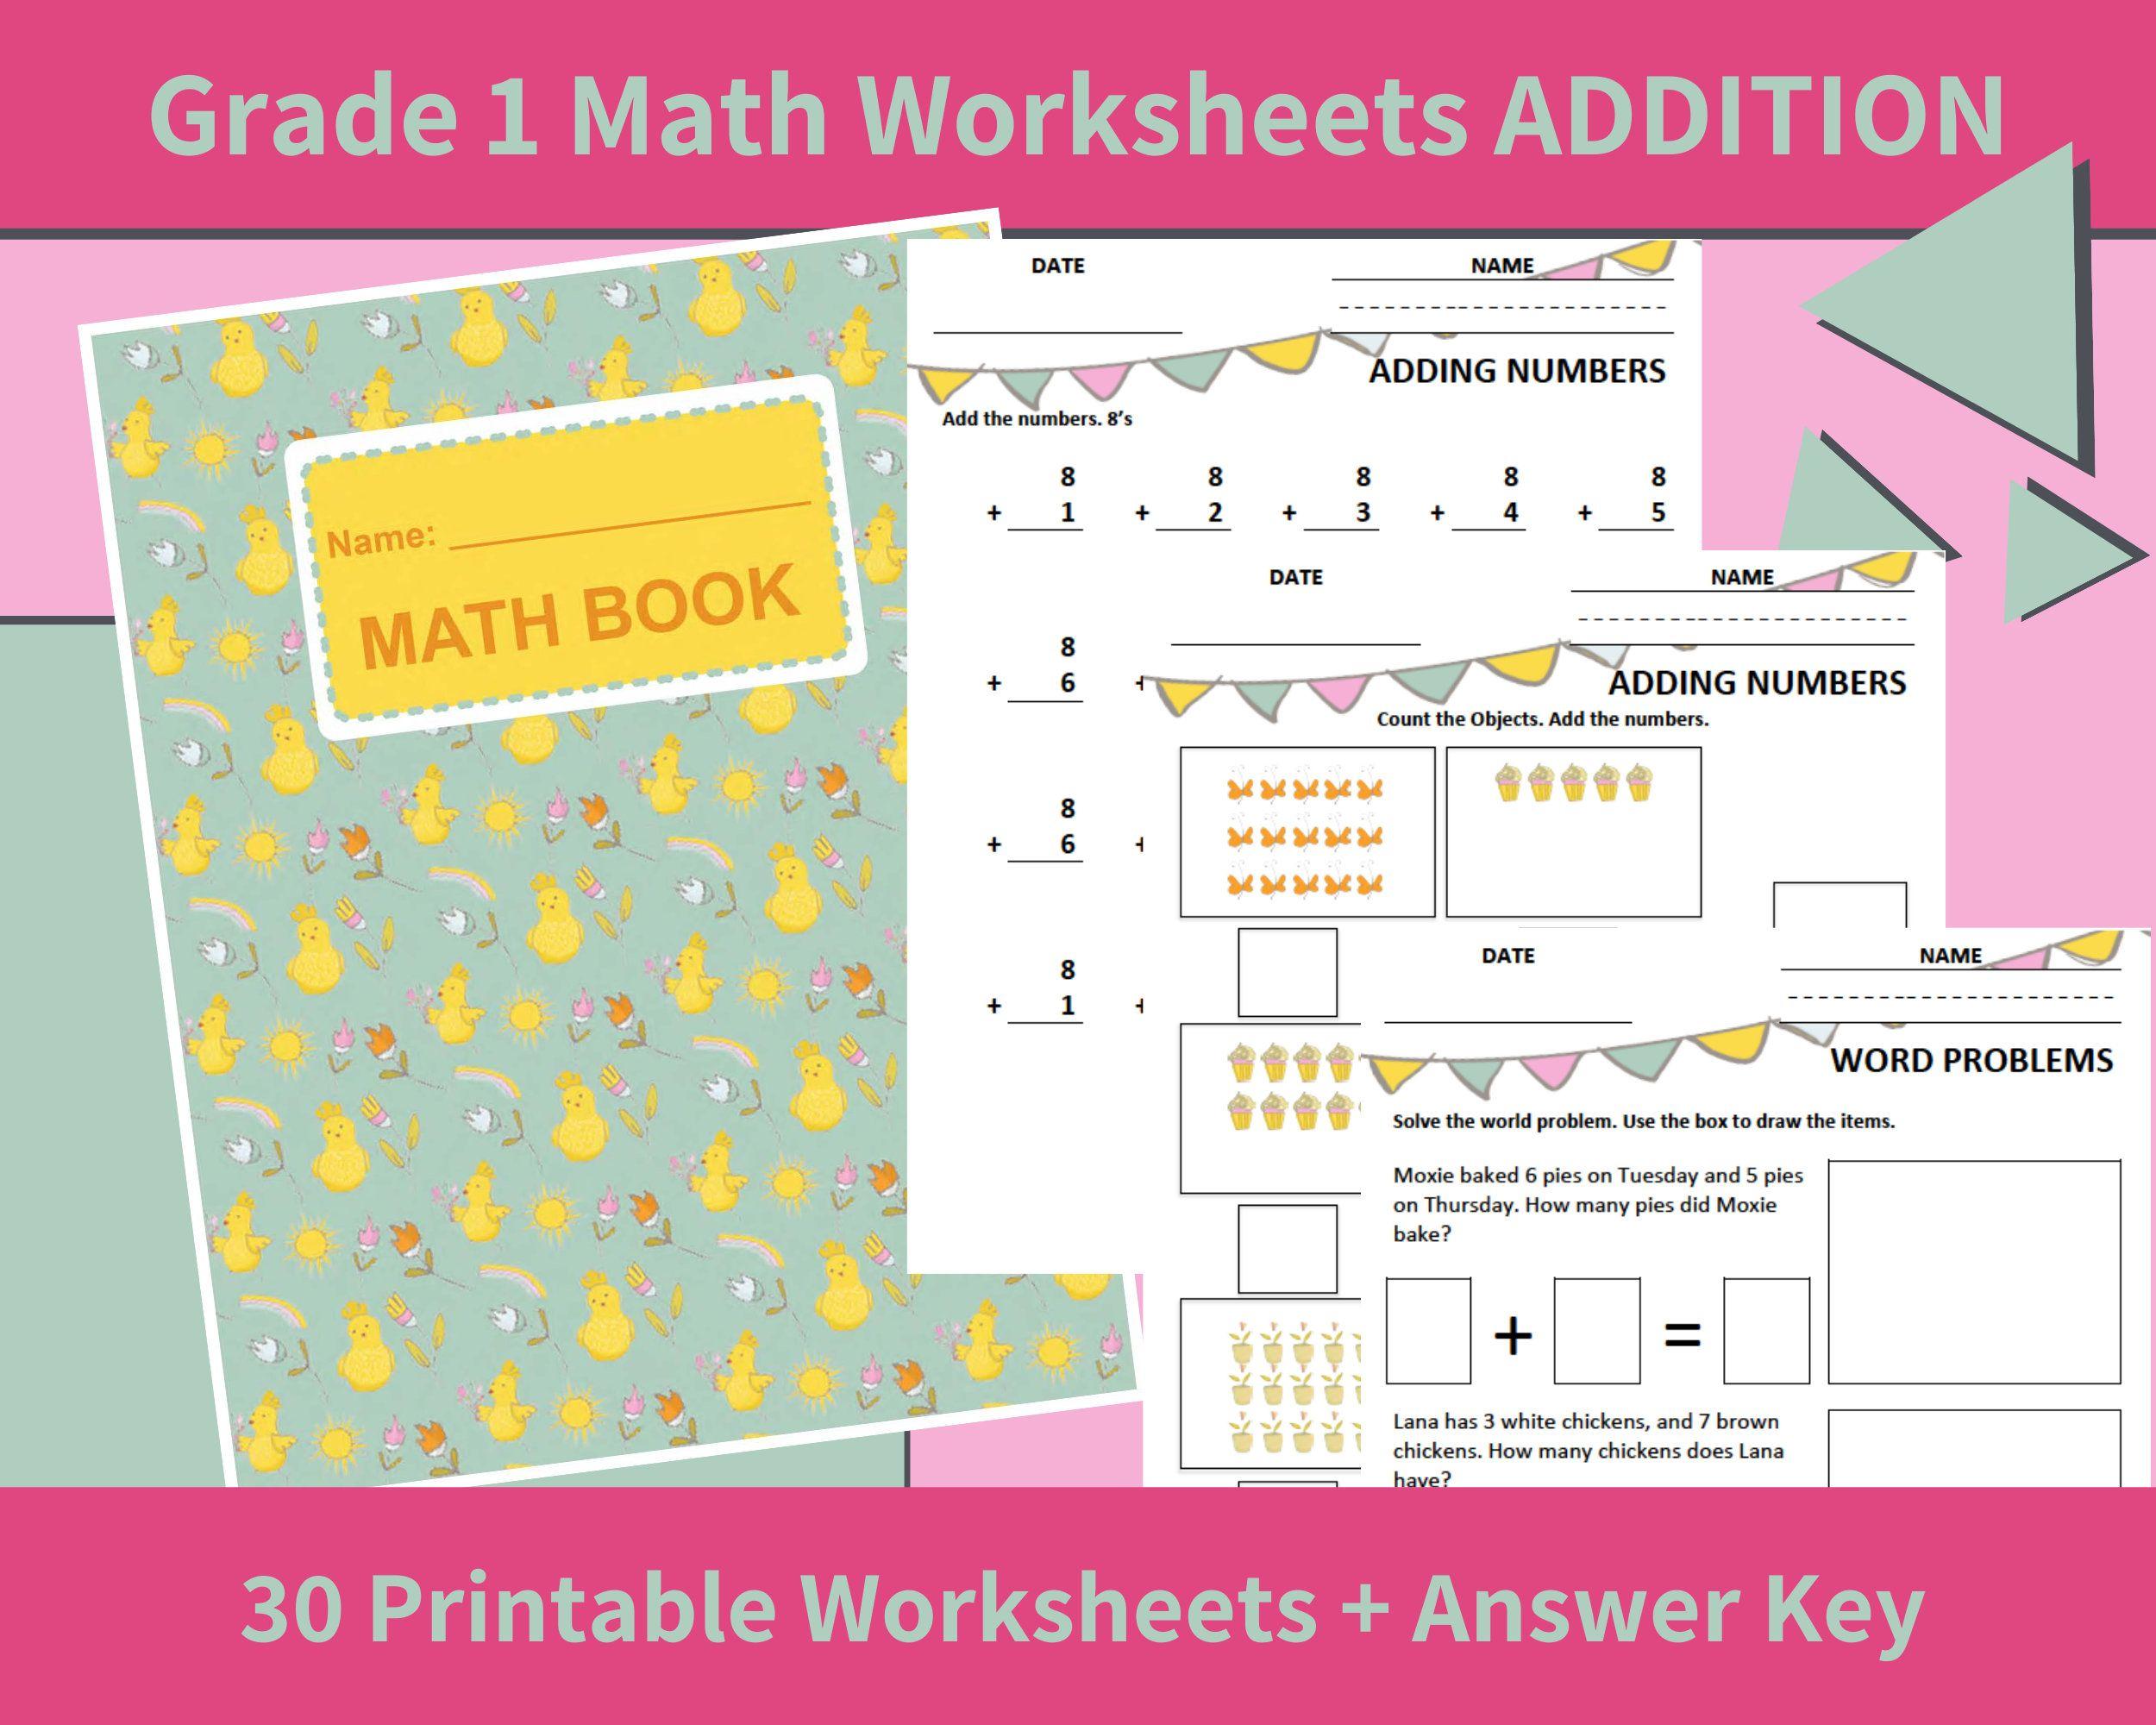 Worksheets For 1st Grade Math Grade 1 Math Worksheets